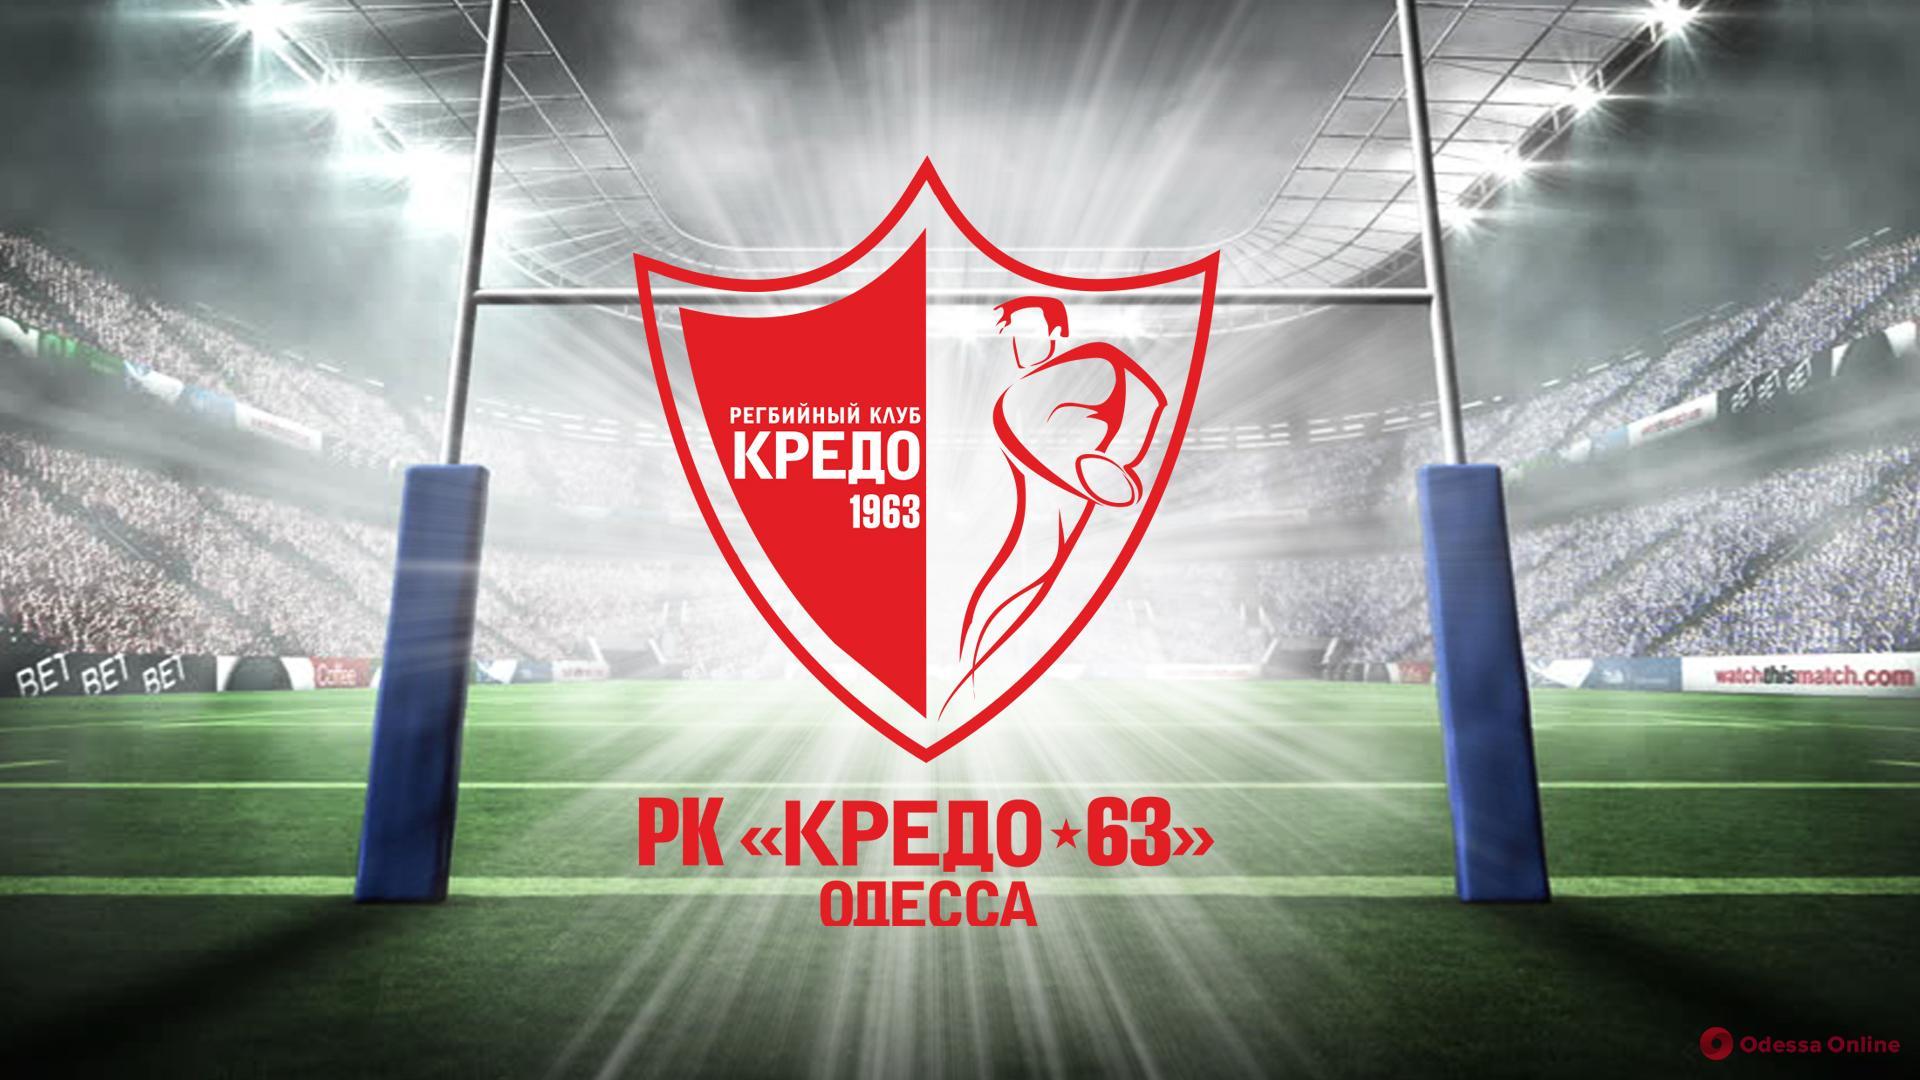 Одесский «КРЕДО-1963» завоевал медали украинской Суперлиги по регби-7